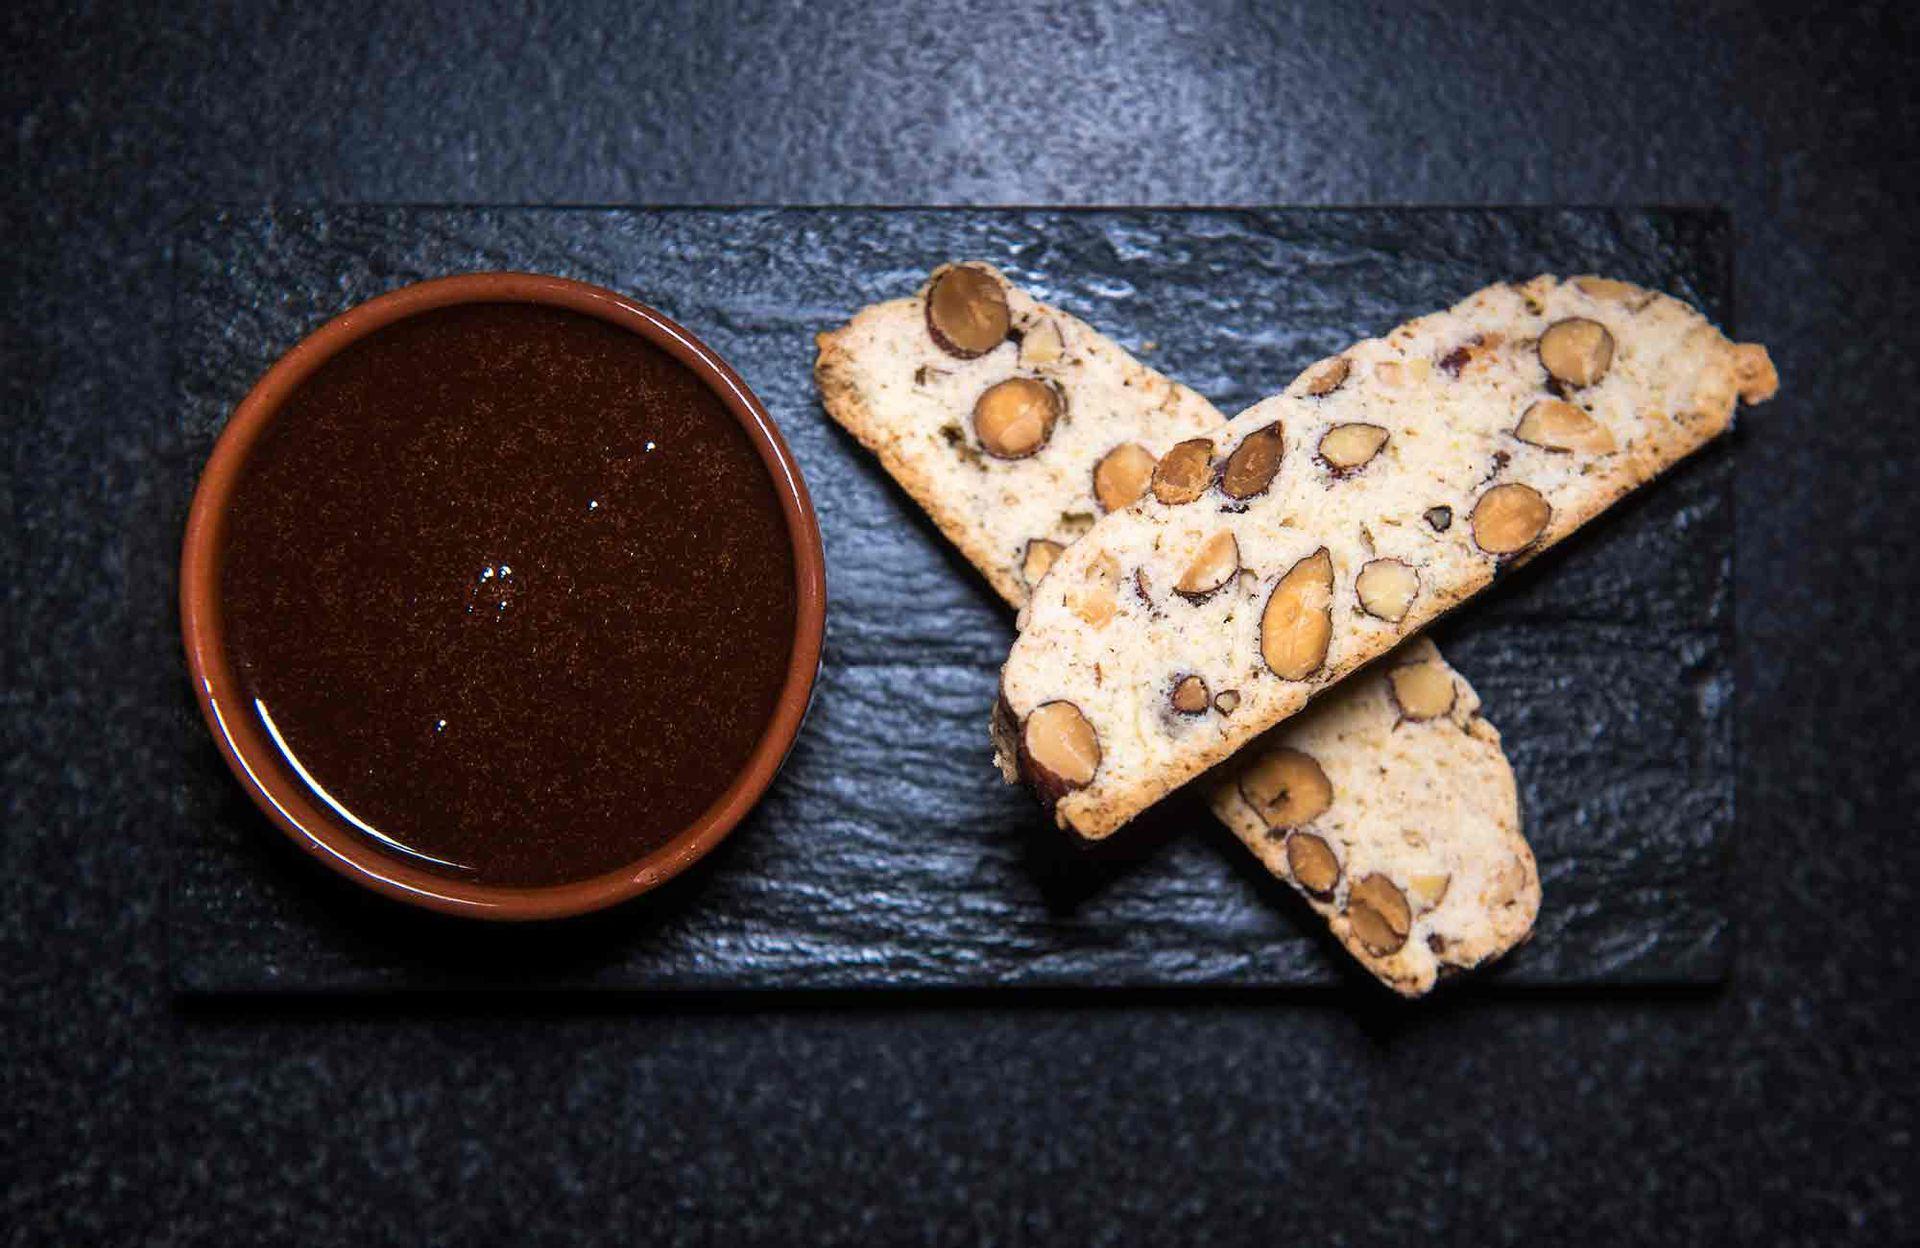 """""""Sopa"""" de chocolate amargo con licor de amaretto y biscotti, delicatessen de El Mercado."""